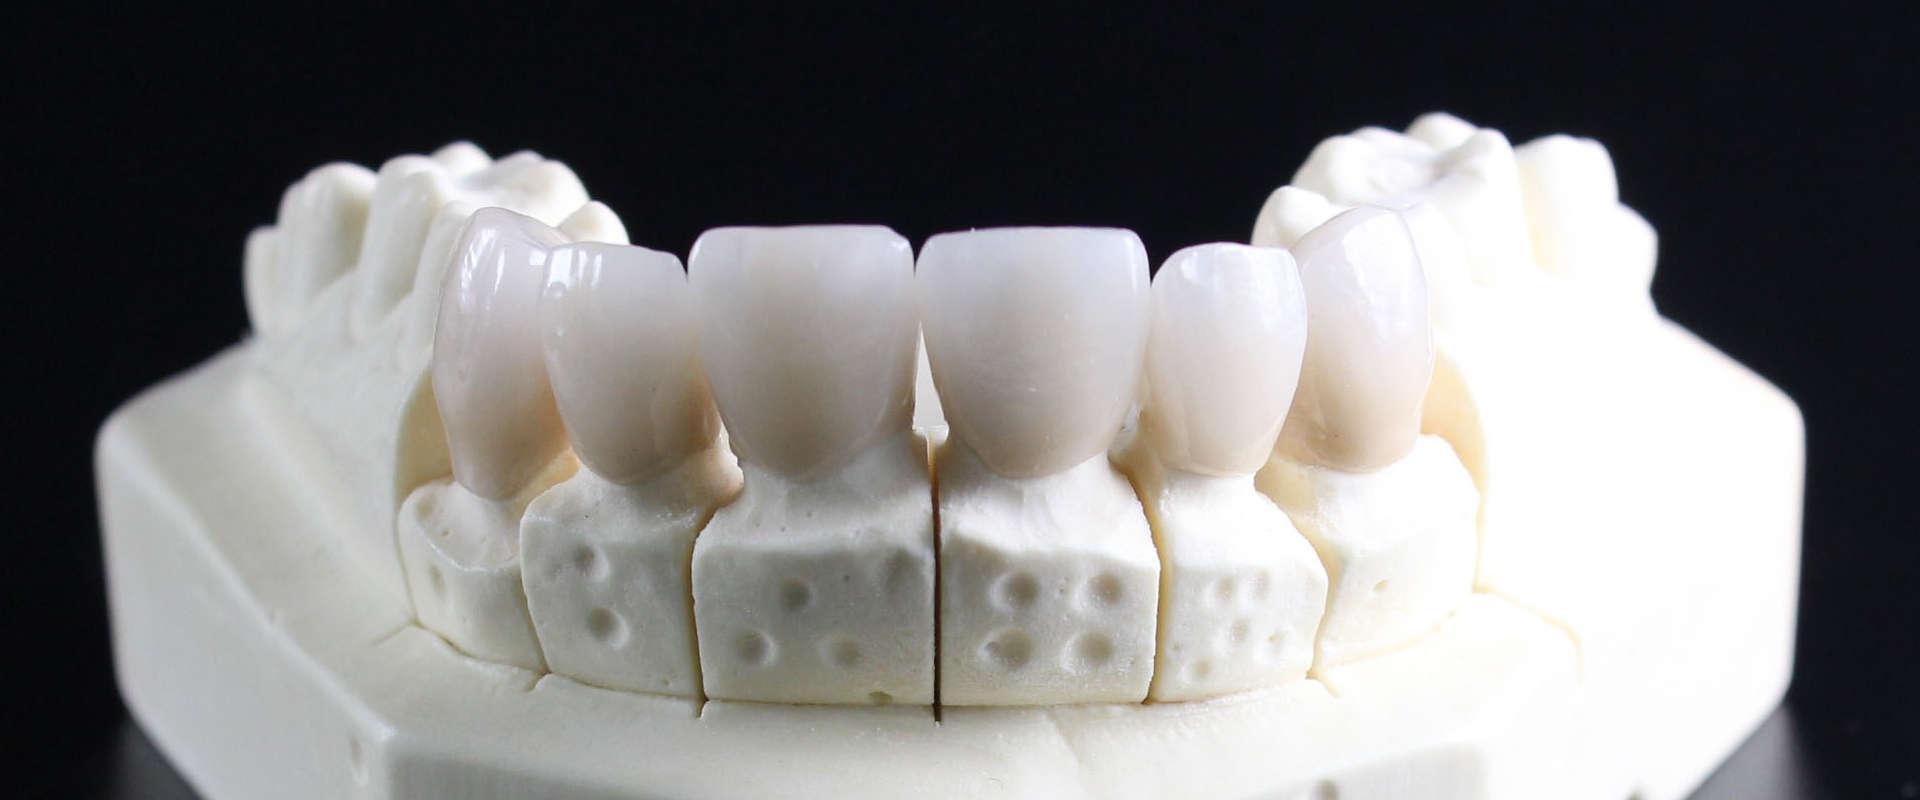 Prix pour les implants dentaires et prothèses